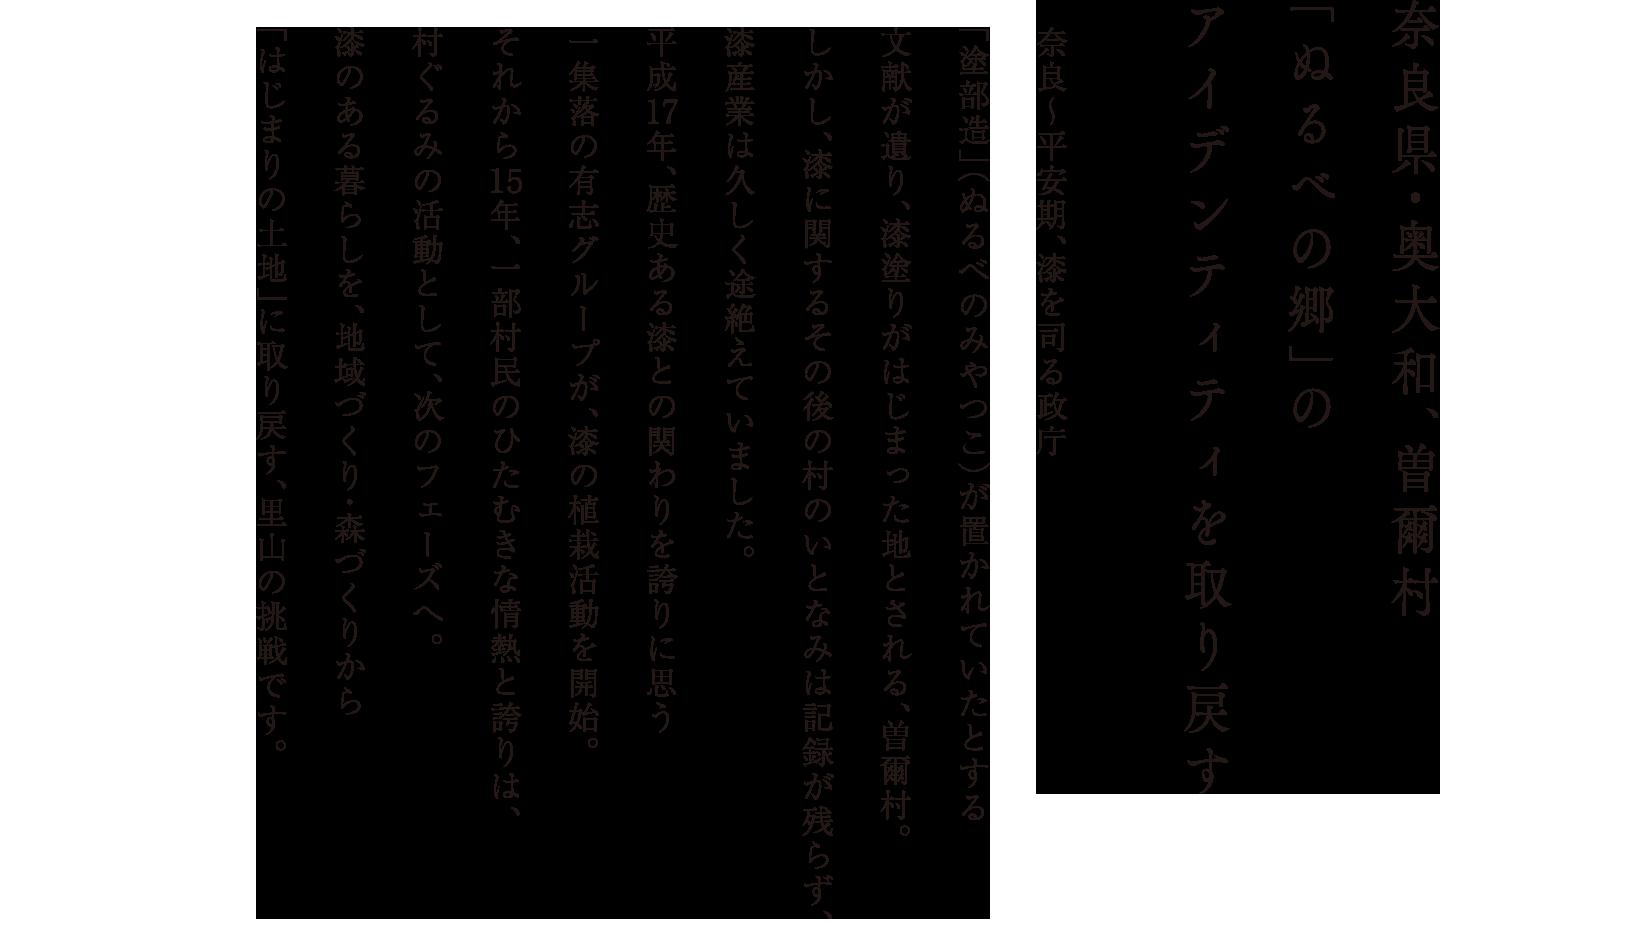 奈良県・奥大和、曽爾村 「ぬるべの郷」のアイデンティティを取り戻す 奈良〜平安期、漆を司る政庁「塗部造」(ぬるべのみやつこ)が置かれていたとする文献が遺り、漆塗りがはじまった地とされる、曽爾村。しかし、漆に関するその後の村のいとなみは記録が残らず、漆産業は久しく途絶えていました。平成17年、歴史ある漆との関わりを誇りに思う一集落の有志グループが、漆の植栽活動を開始。それから15年、一部村民のひたむきな情熱と誇りは、村ぐるみの活動として、次のフェーズへ。漆のある暮らしを、地域づくり・森づくりから「はじまりの土地」に取り戻す、里山の挑戦です。